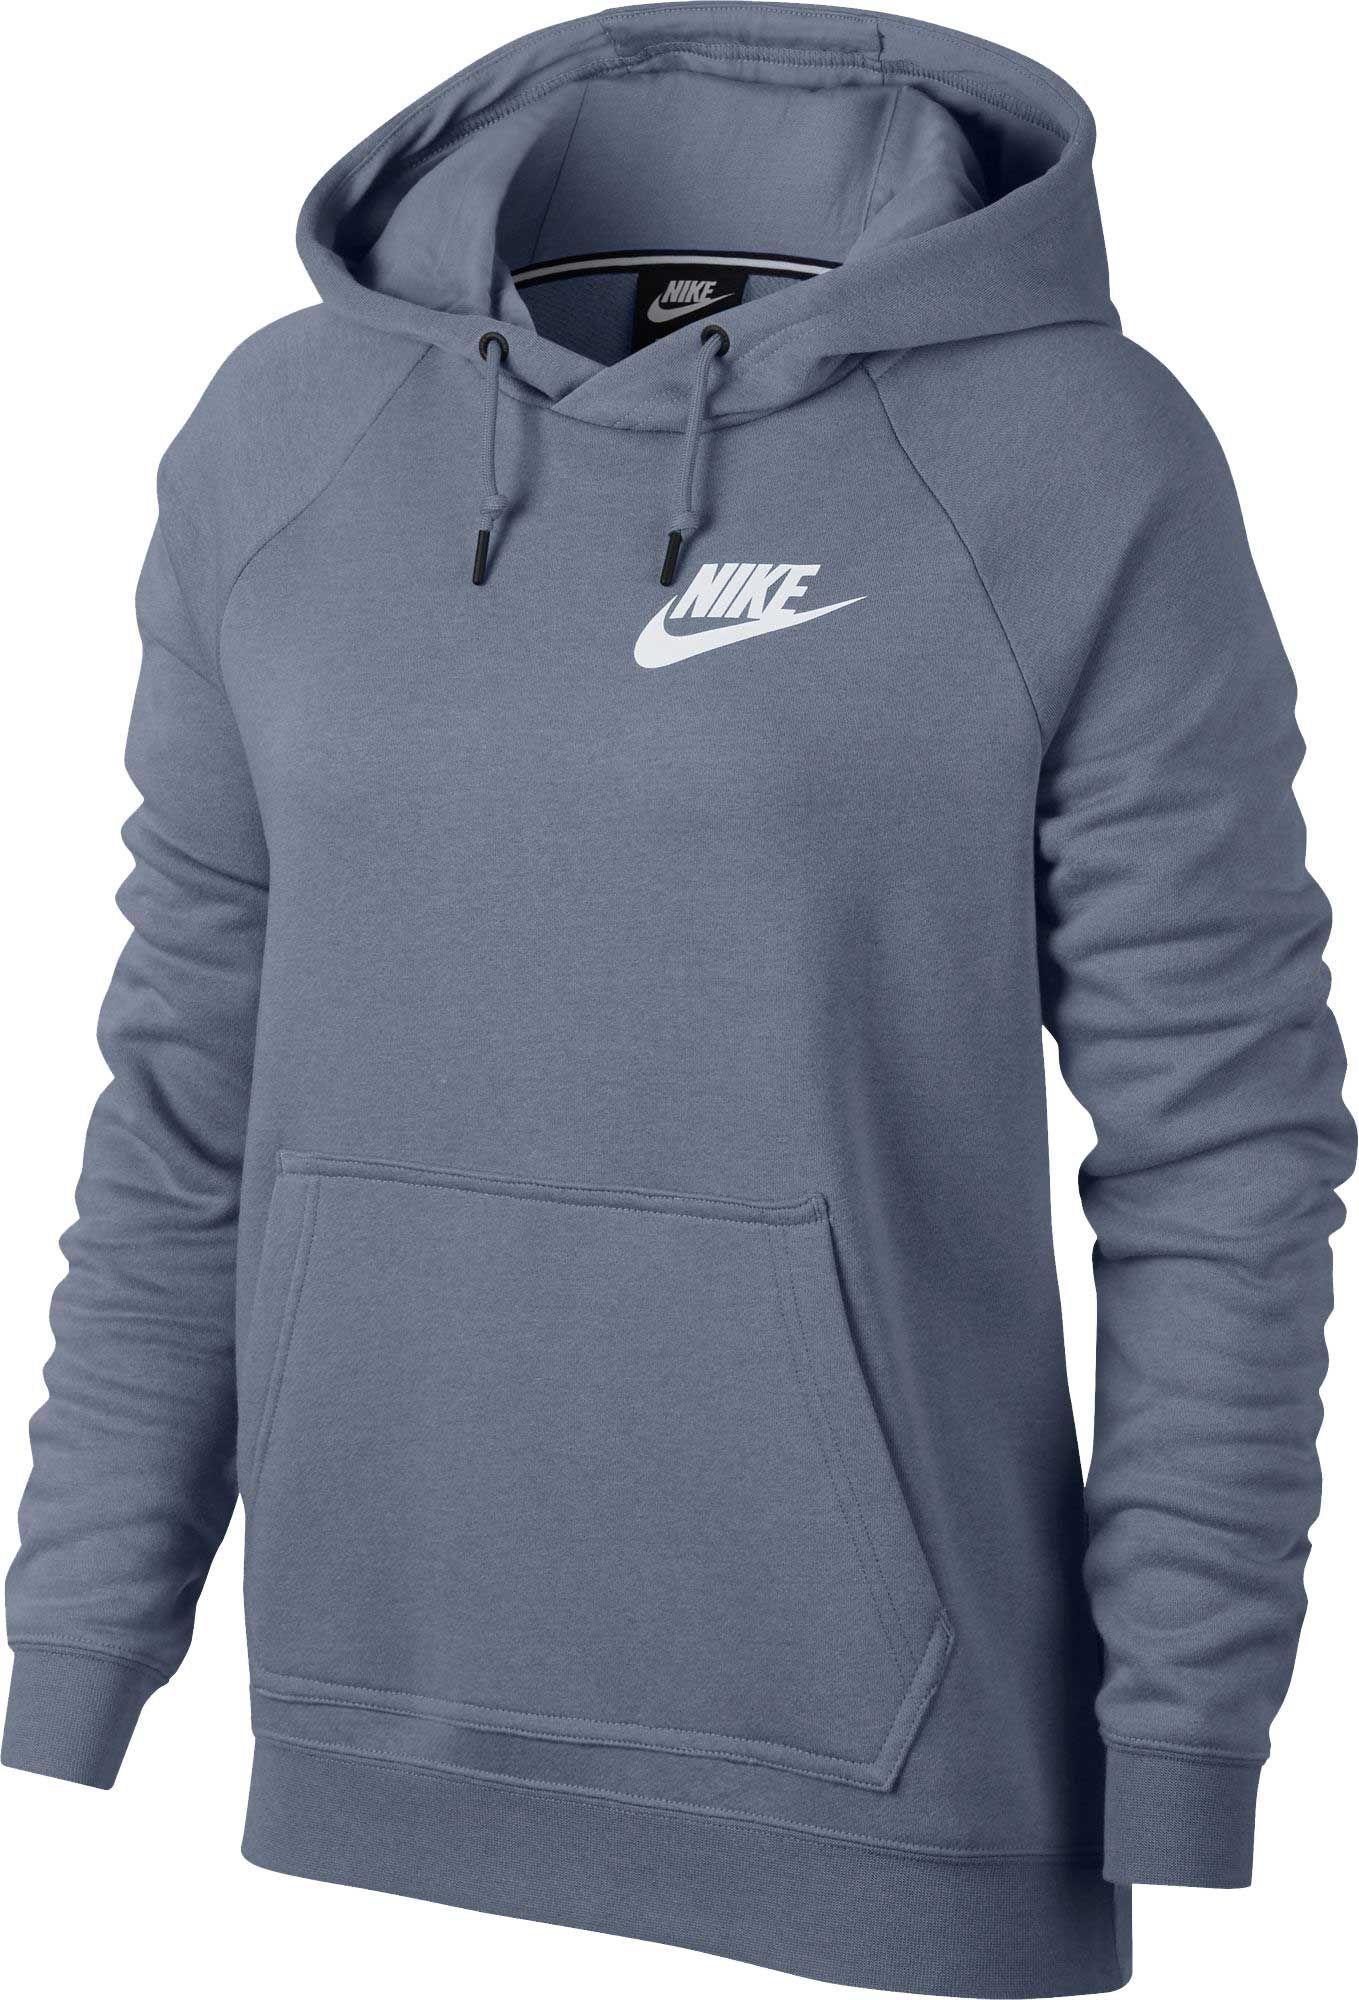 hot sale online 4c567 66e64 Nike Women s Plus Size Sportswear Rally Hoodie, Size  Medium, Ashen Slate